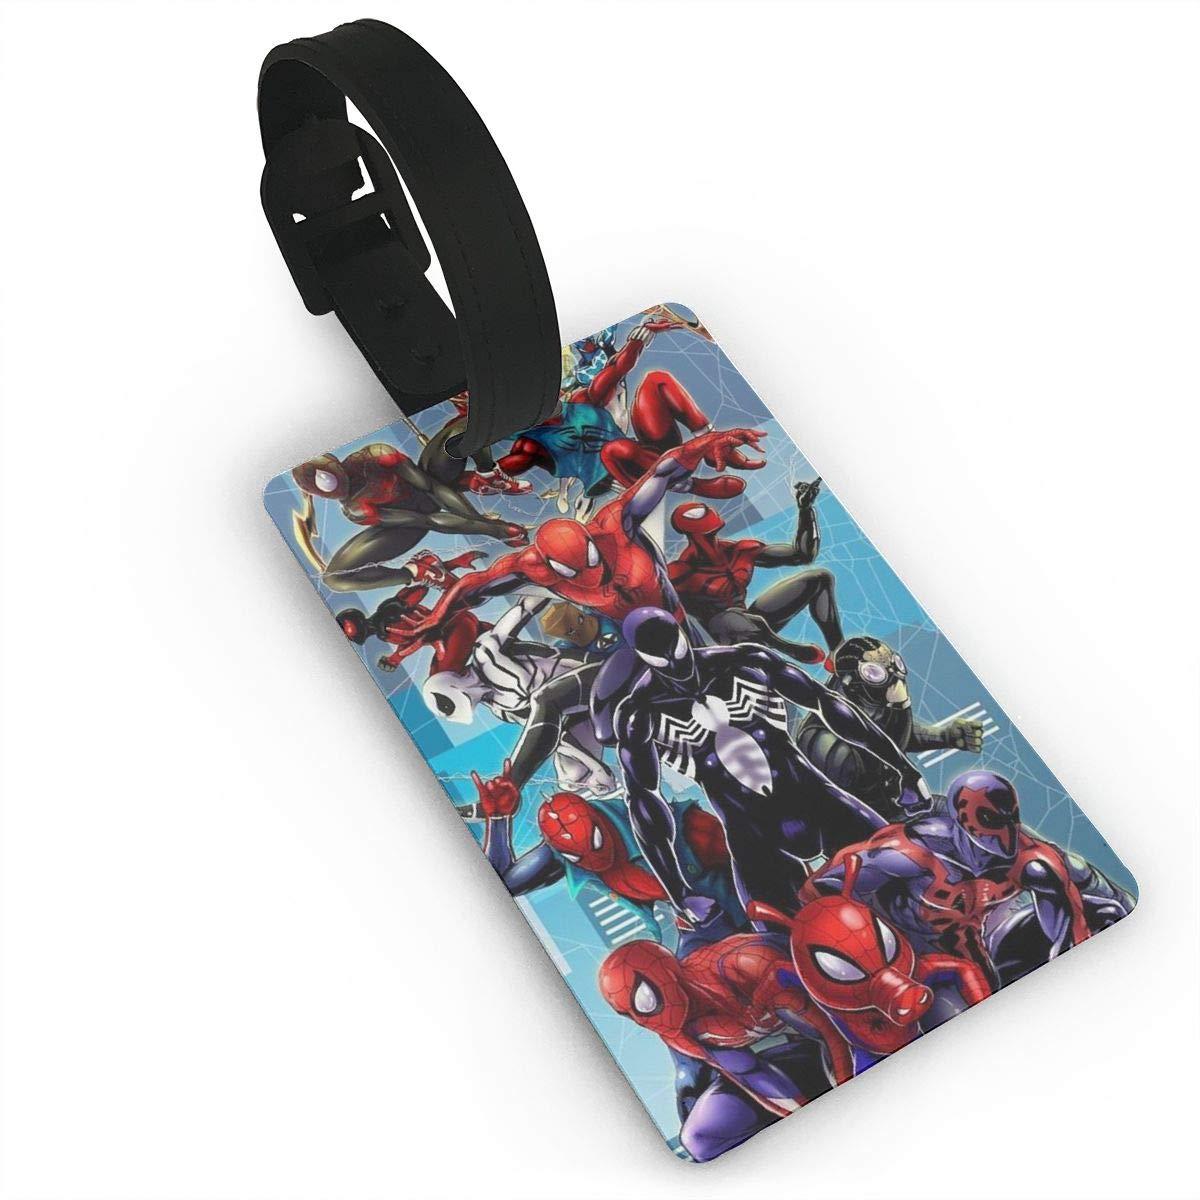 WSXEDC 荷物タグ スパイダーマン クールスーツケースラベル バッグタグ トラベル ID 識別 荷物タグ B07SKH8SQH